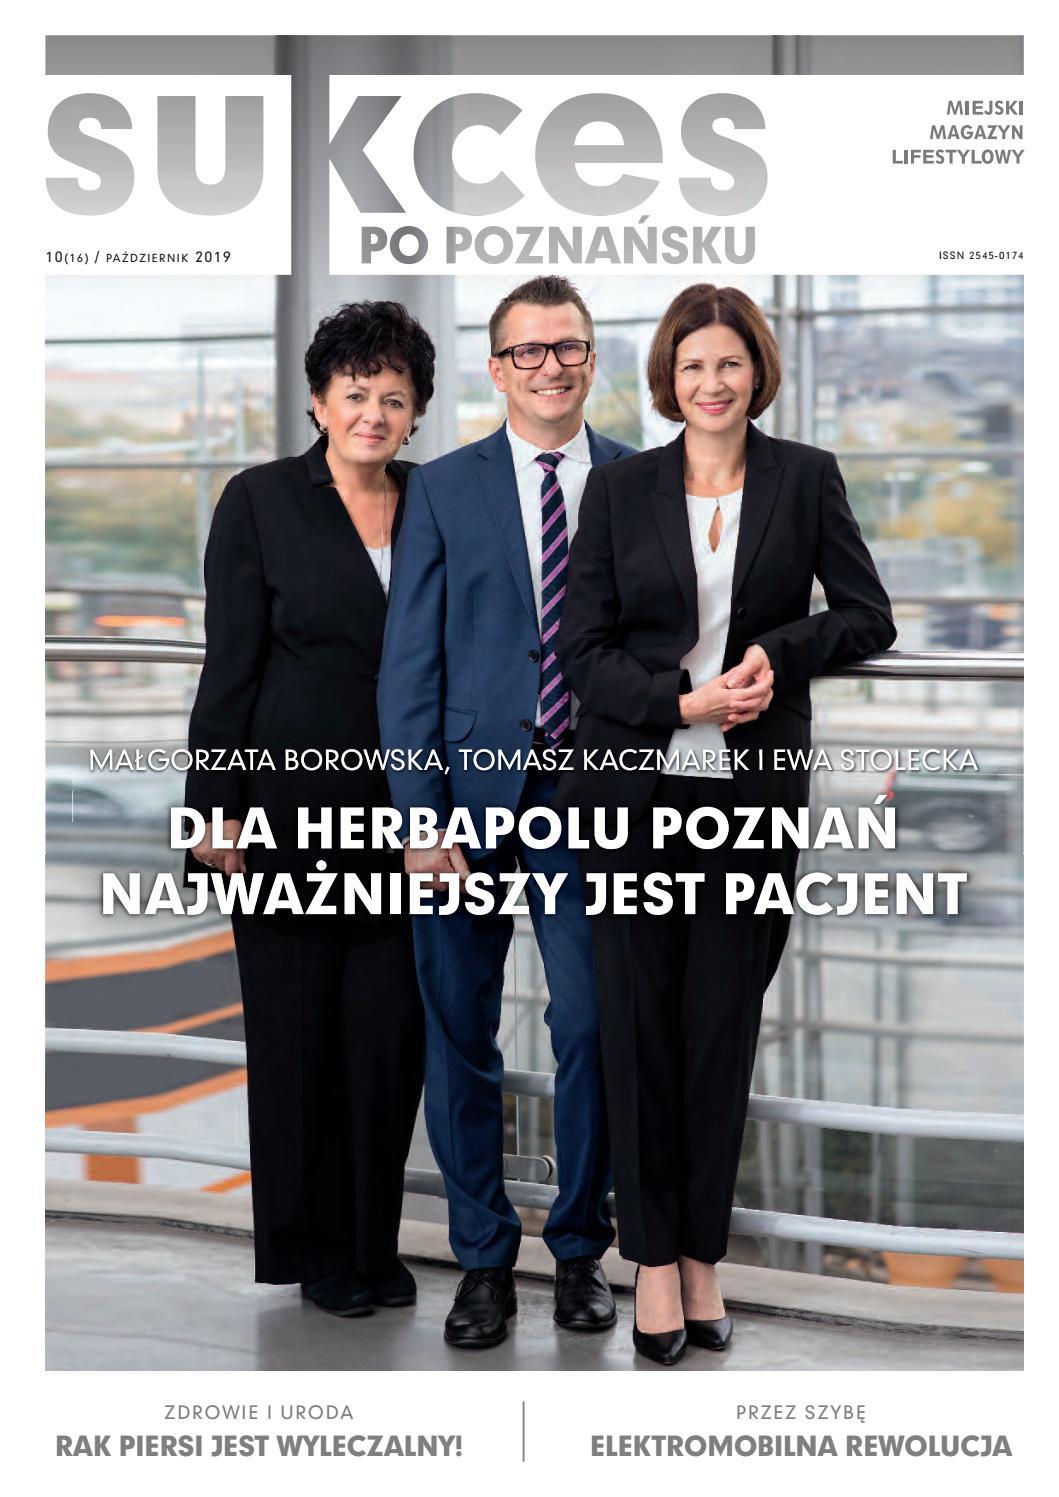 Kobiety, Bory, lskie, Polska, 18-28 lat - strona 5   ilctc.org